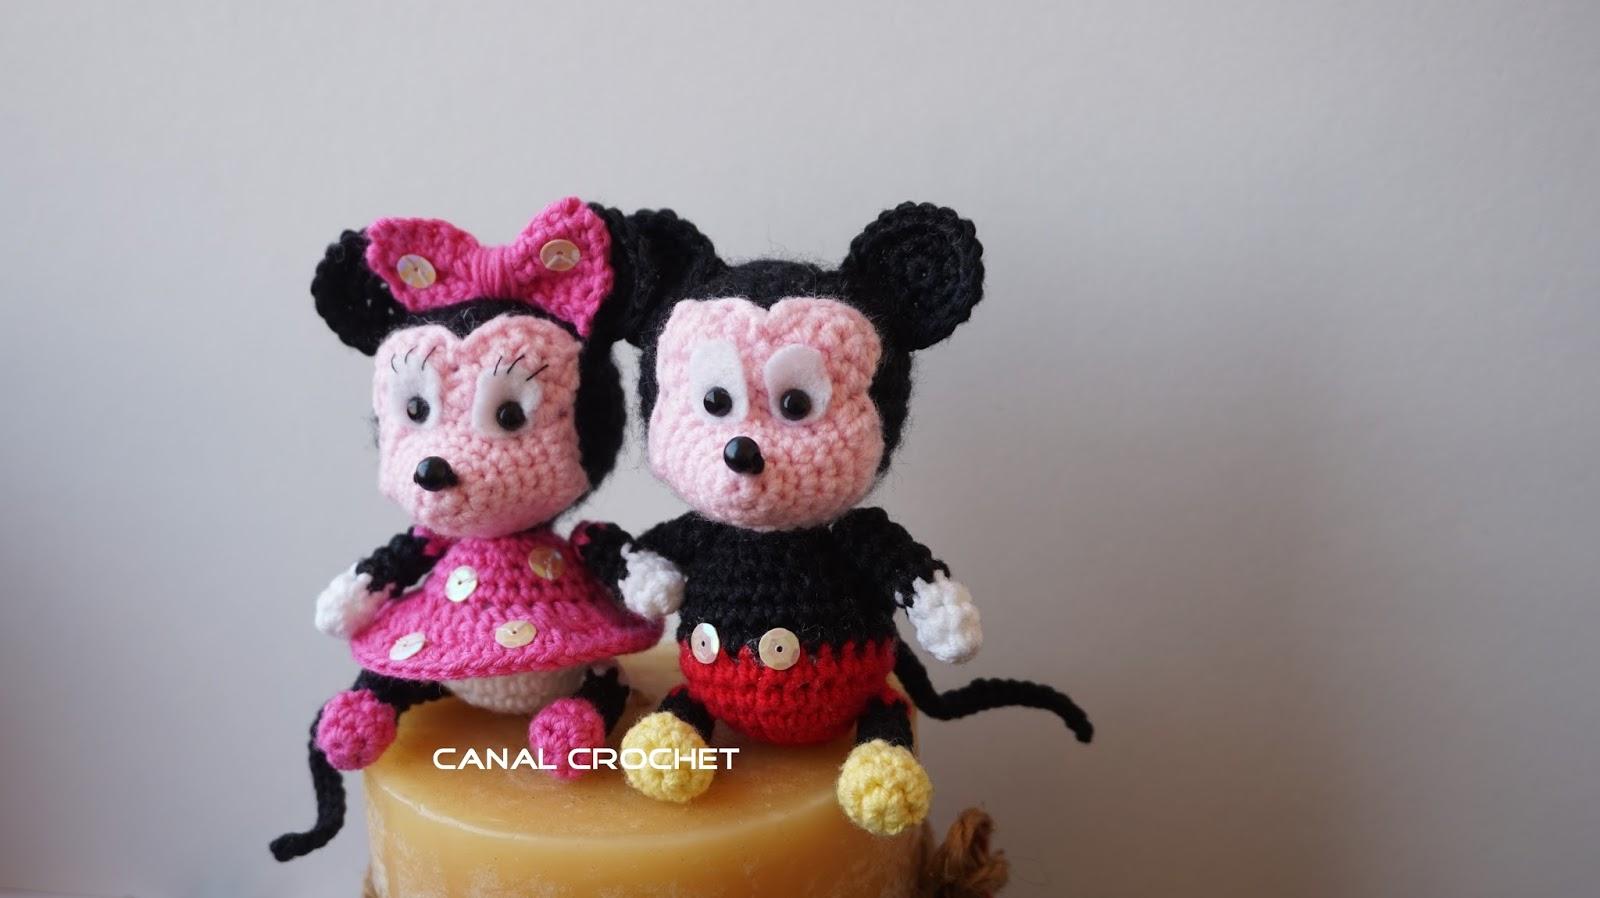 Amigurumi Disney Tutorial : CANAL CROCHET: Mickey y minnie amigurumi tutorial